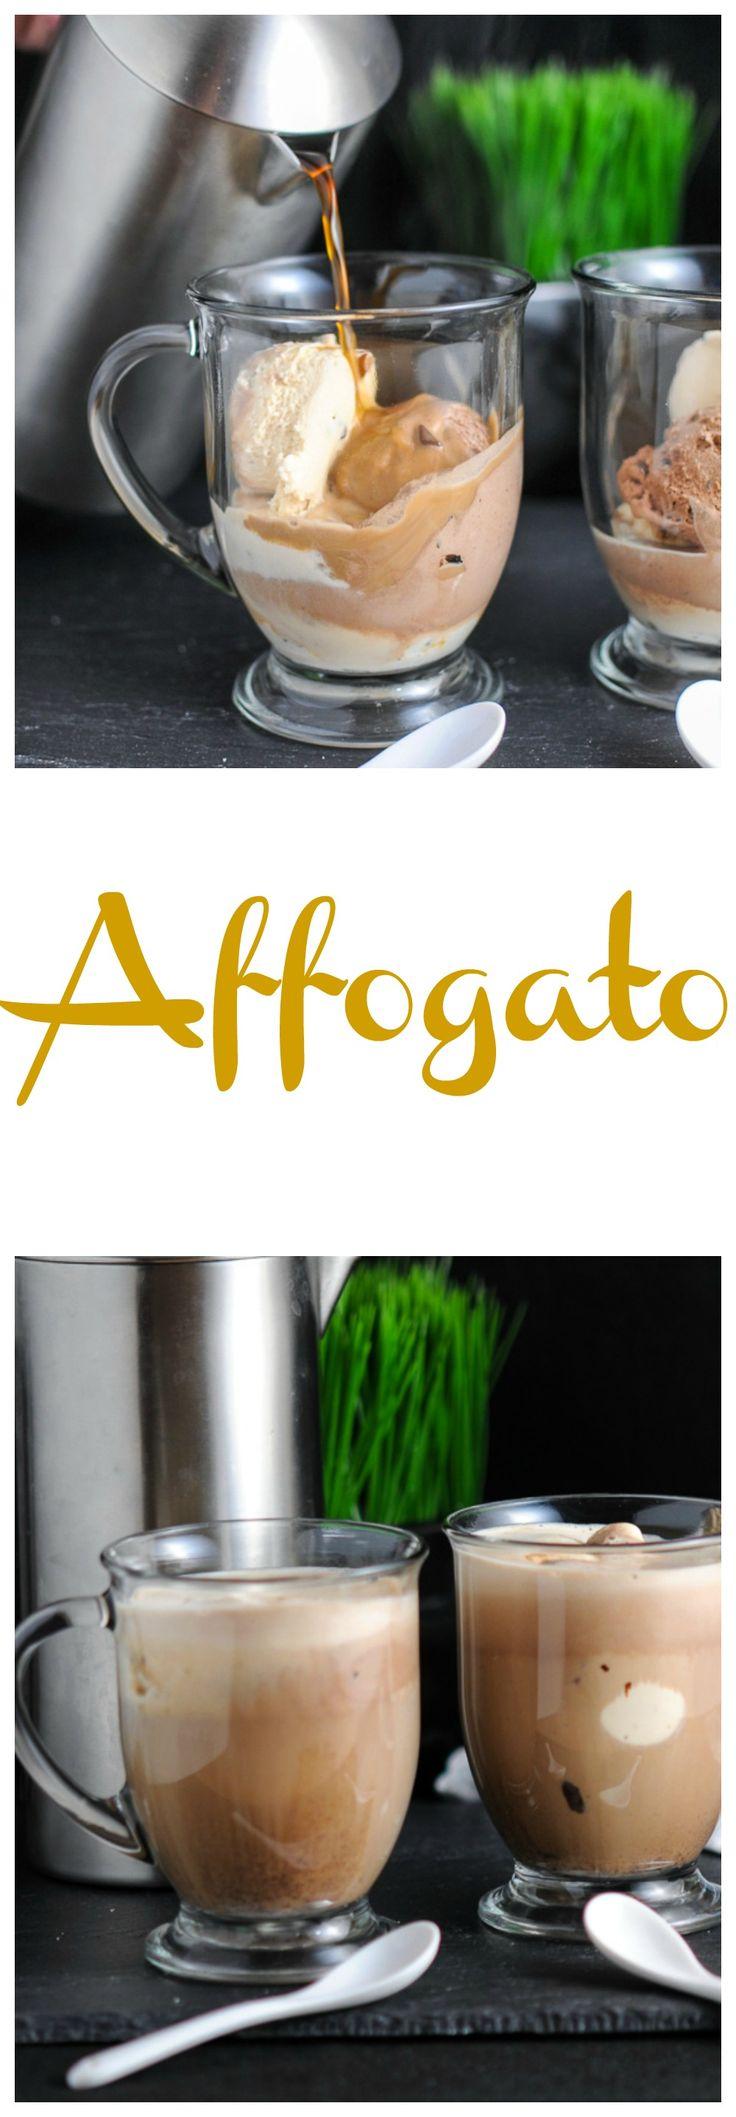 Affogato - Gelato and Espresso drink recipe #espresso #gelato #icecream #desserts